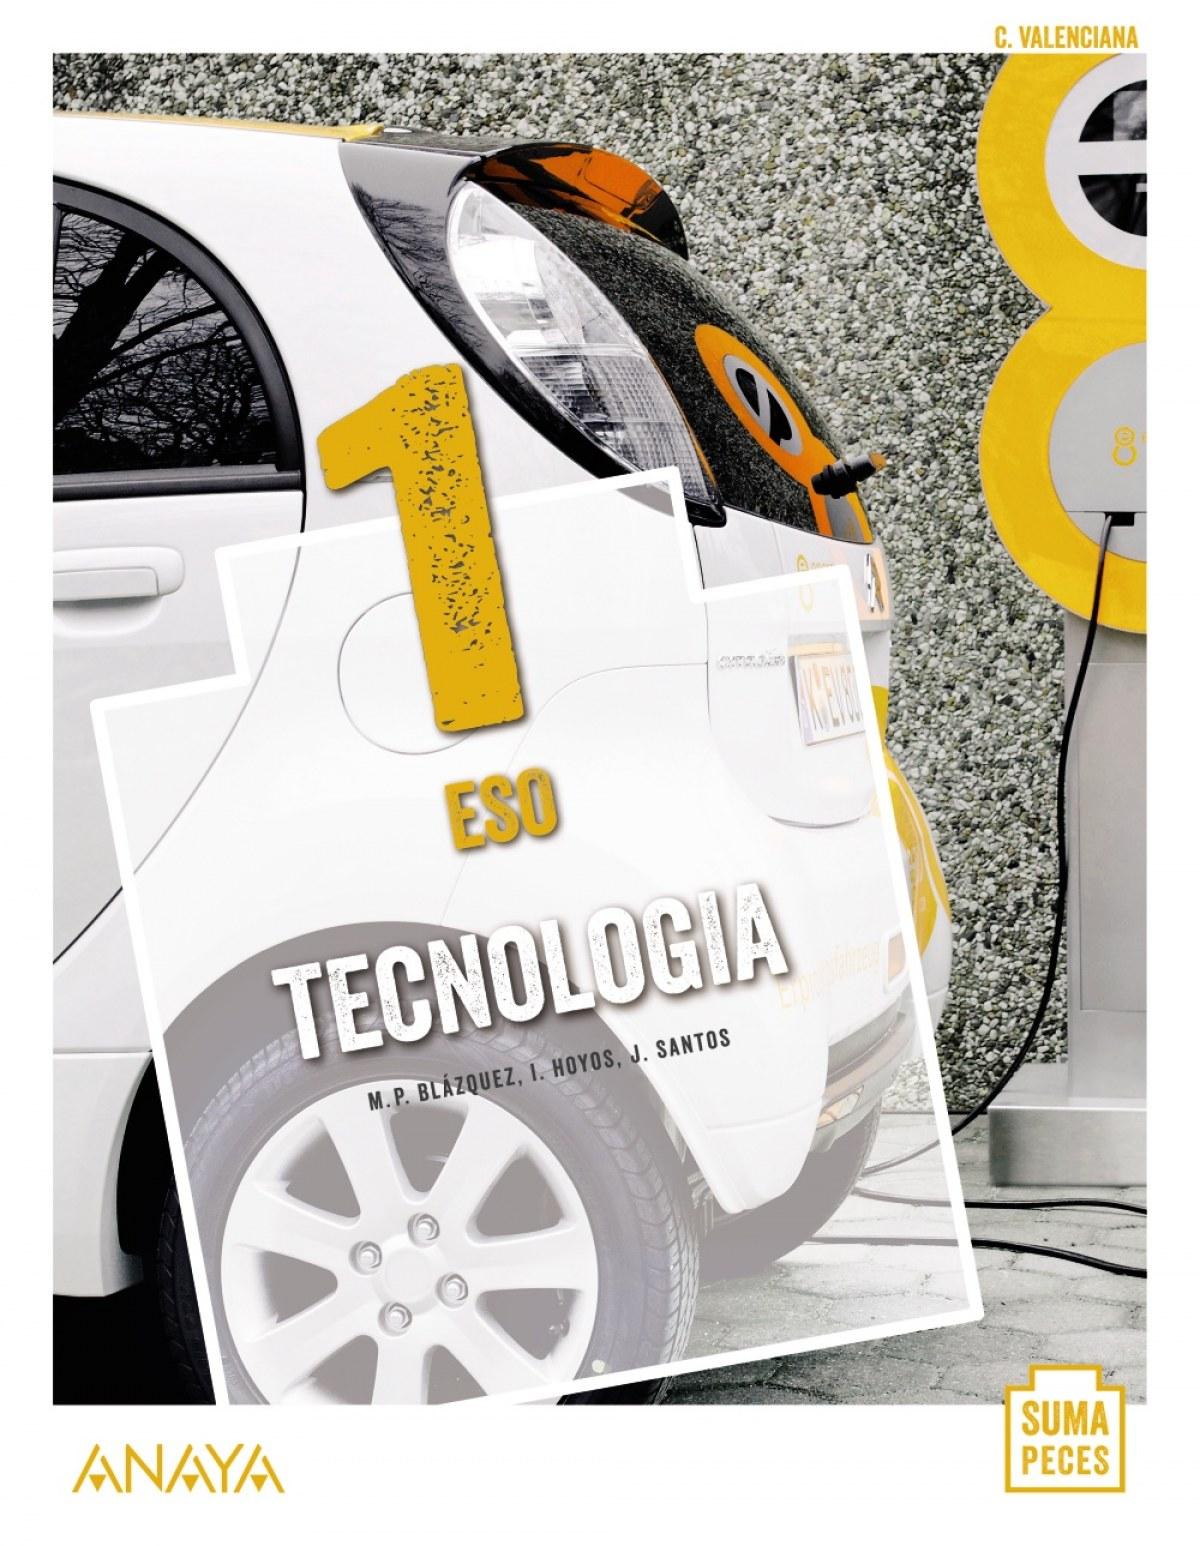 Tecnologia 1.